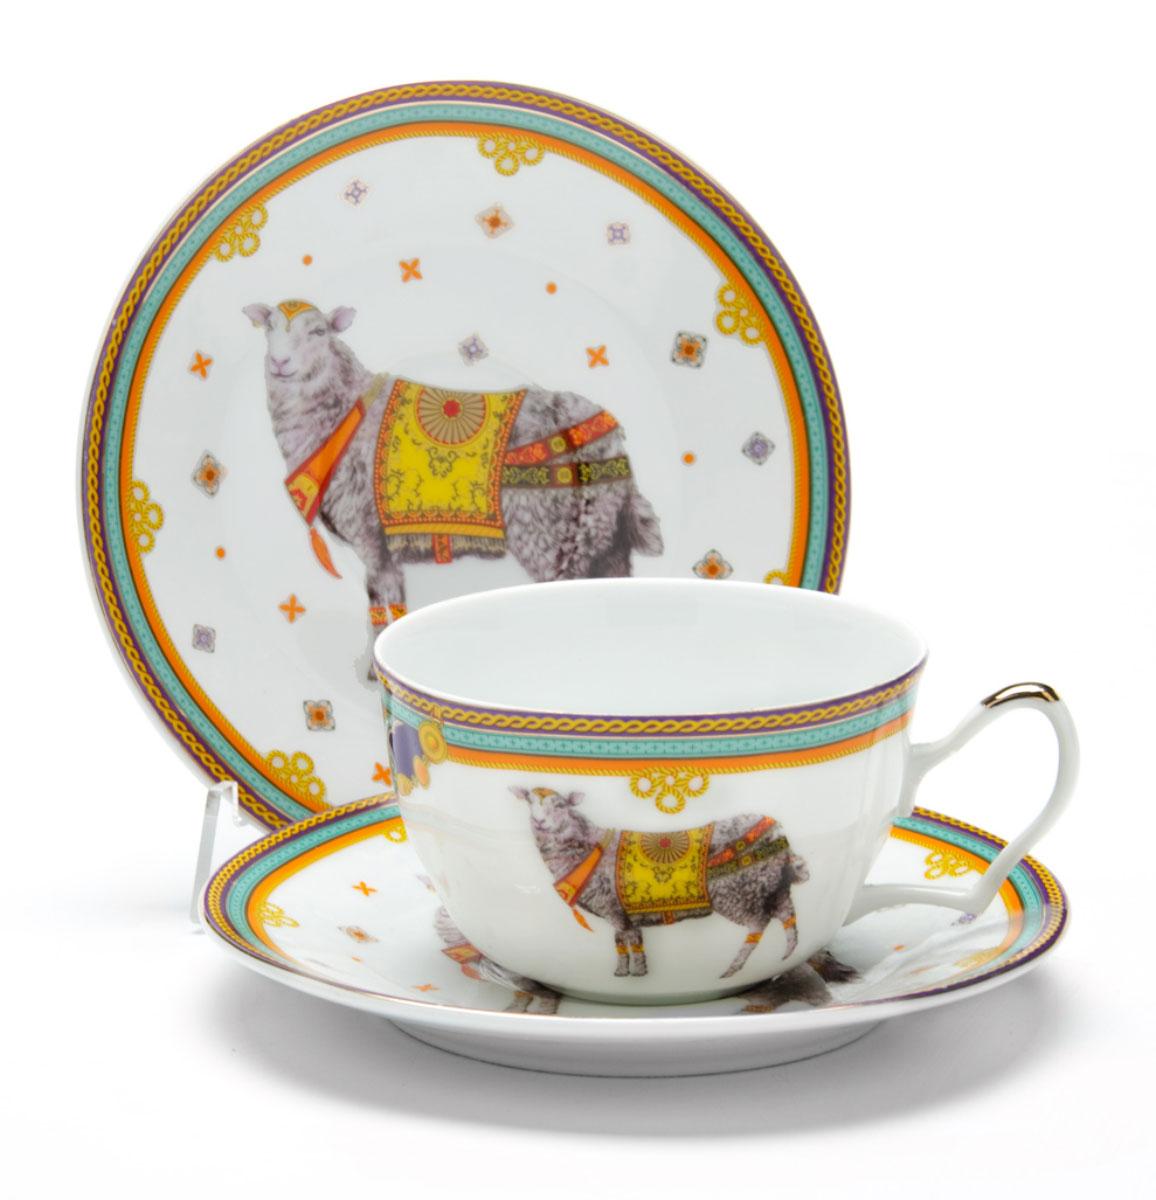 Чайная пара Loraine Барашек, 250 мл, 2 предмета24505Этот чайный набор, выполненный из керамики, состоит из 1 чашка и 1 блюдце. Предметы набора оформлены ярким изображением БАРАШЕК. Изящный дизайн и красочность оформления придутся по вкусу и ценителям классики, и тем, кто предпочитает утонченность и изысканность. Чайная пара- идеальный и необходимый подарок для вашего дома и для ваших друзей в праздники, юбилеи и торжества! Он также станет отличным корпоративным подарком и украшением любой кухни. Чайная пара упакована в подарочную коробку из плотного цветного картона. Внутренняя часть коробки задрапирована белым атласом.